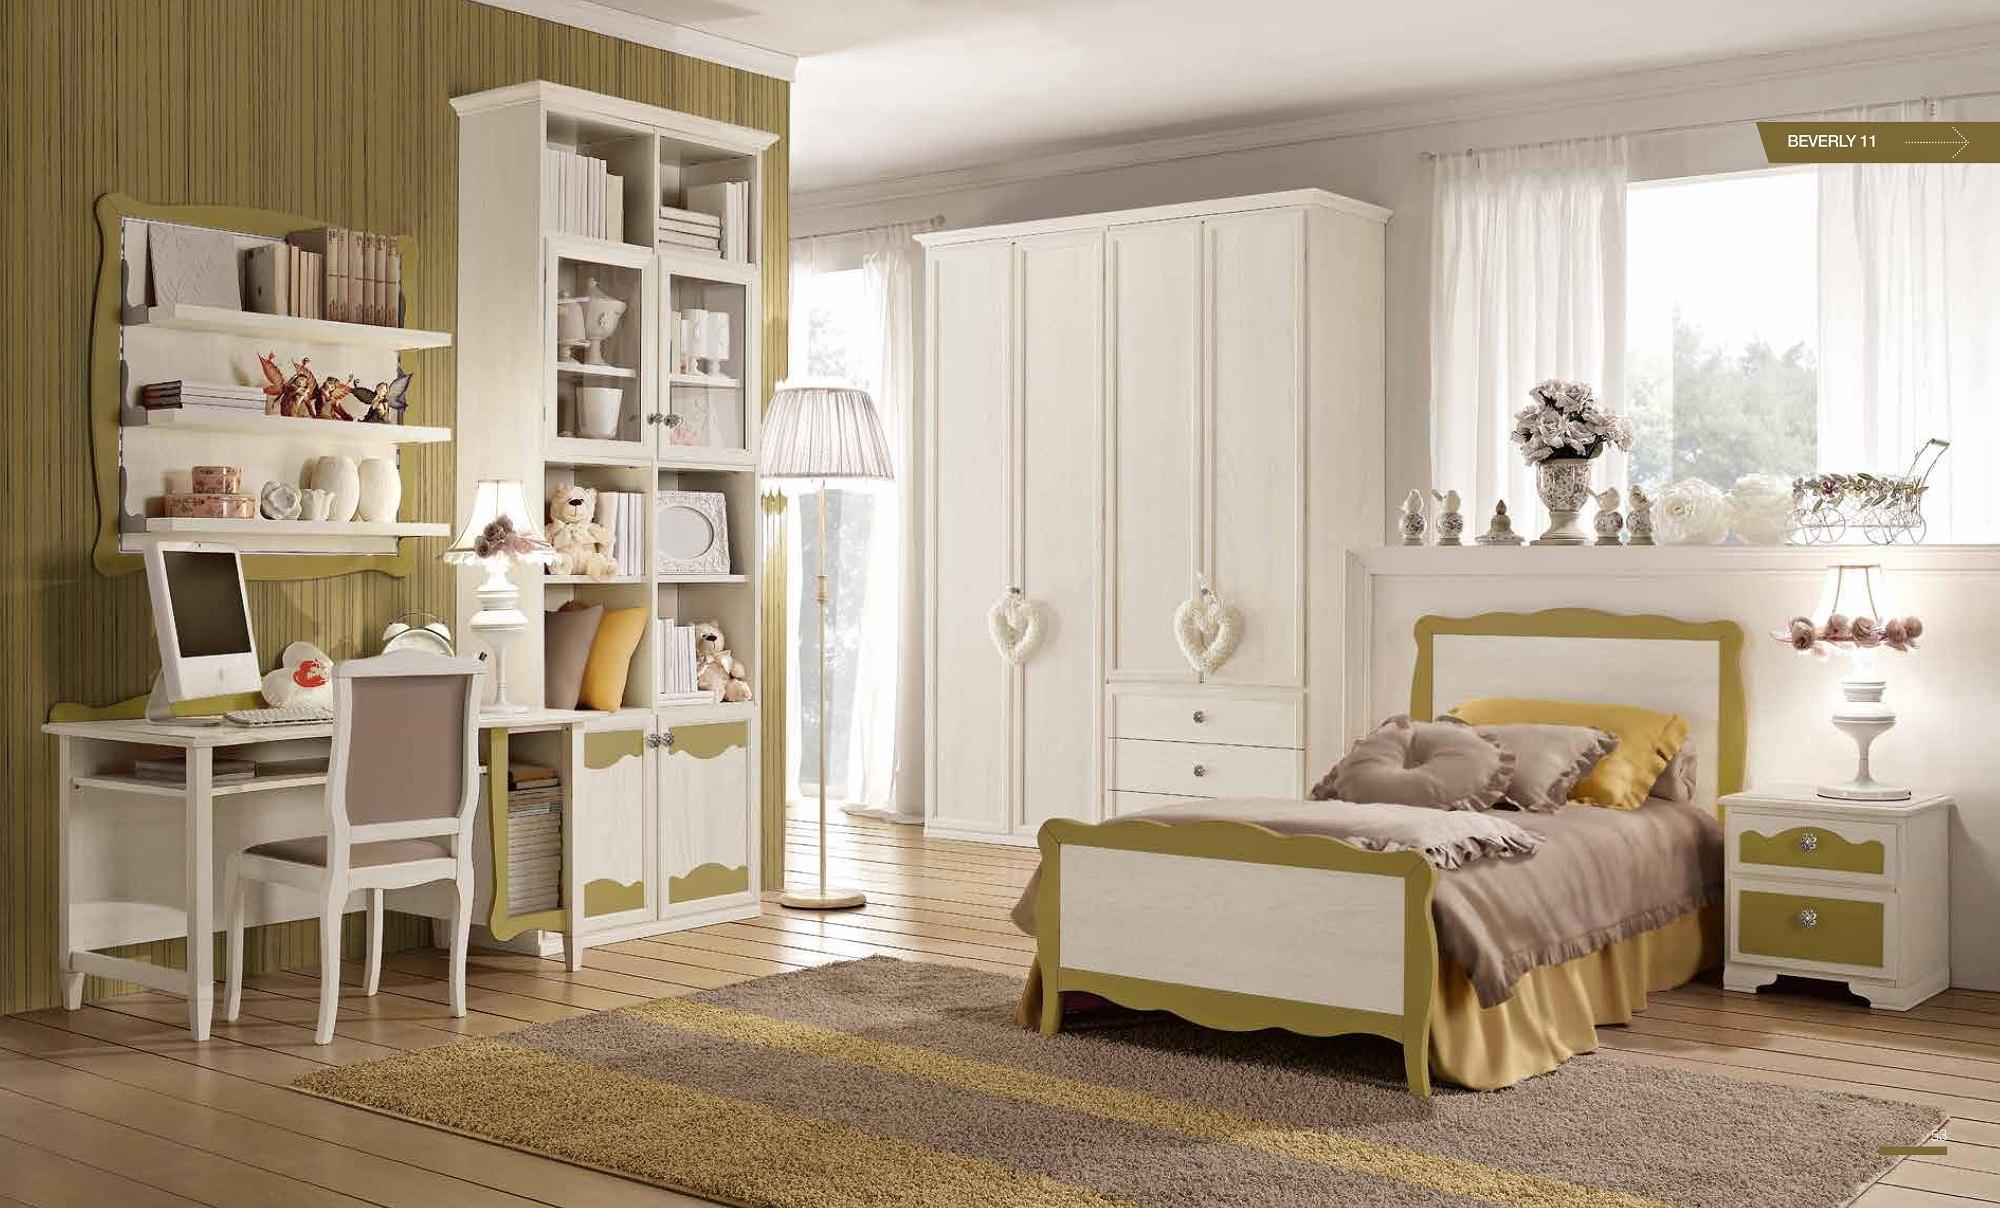 Cameretta Beverly con un letto particolari in legno - Camerette a prezzi scontati